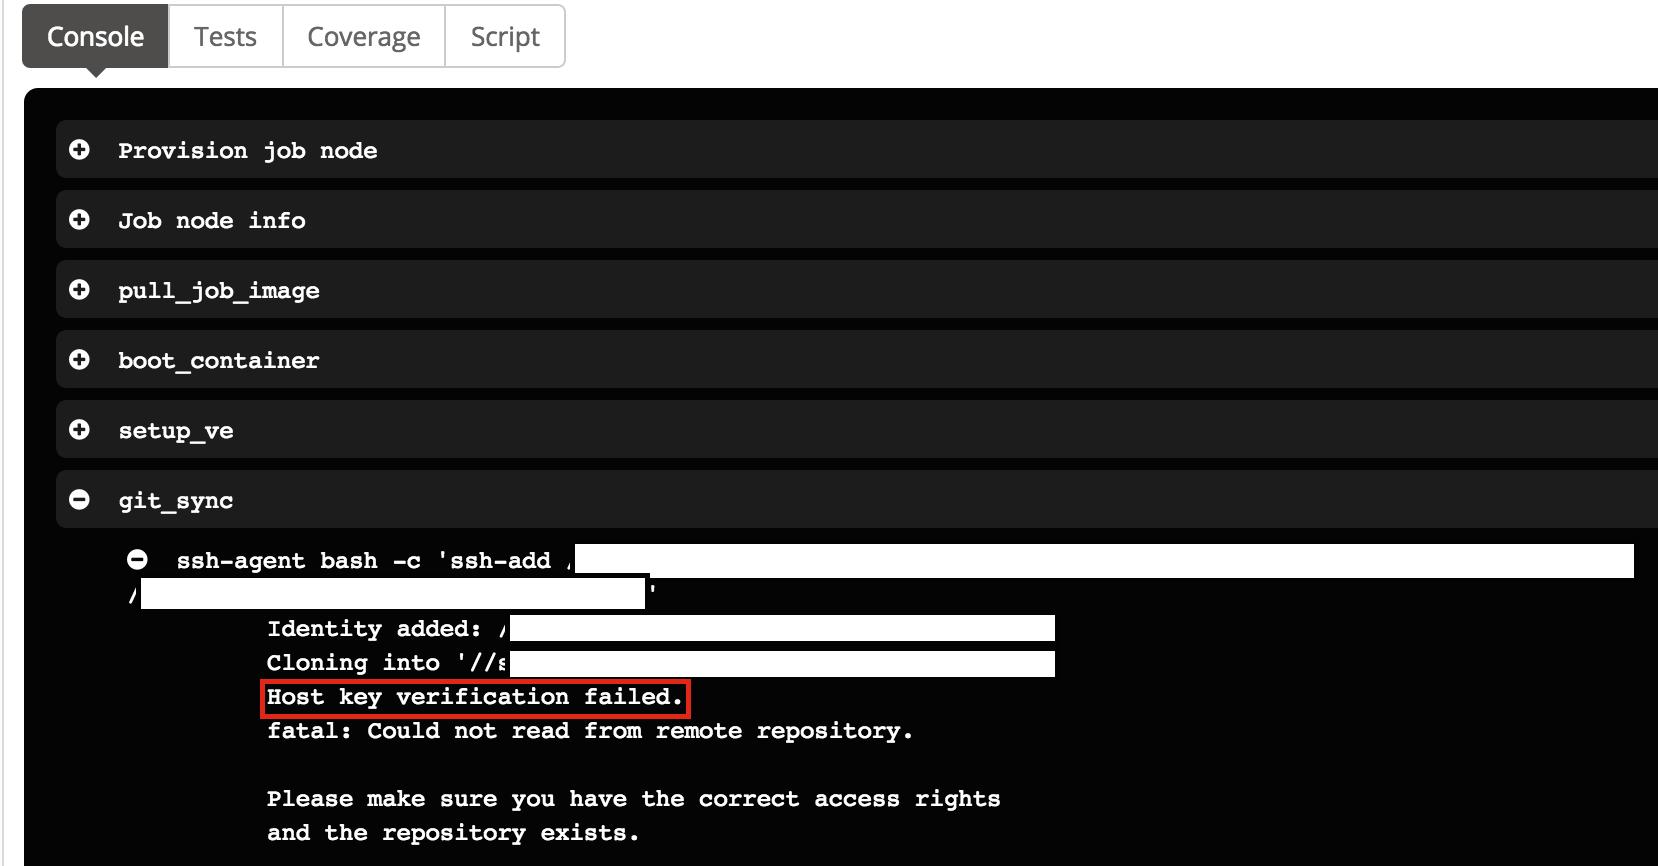 Hostkey Verification